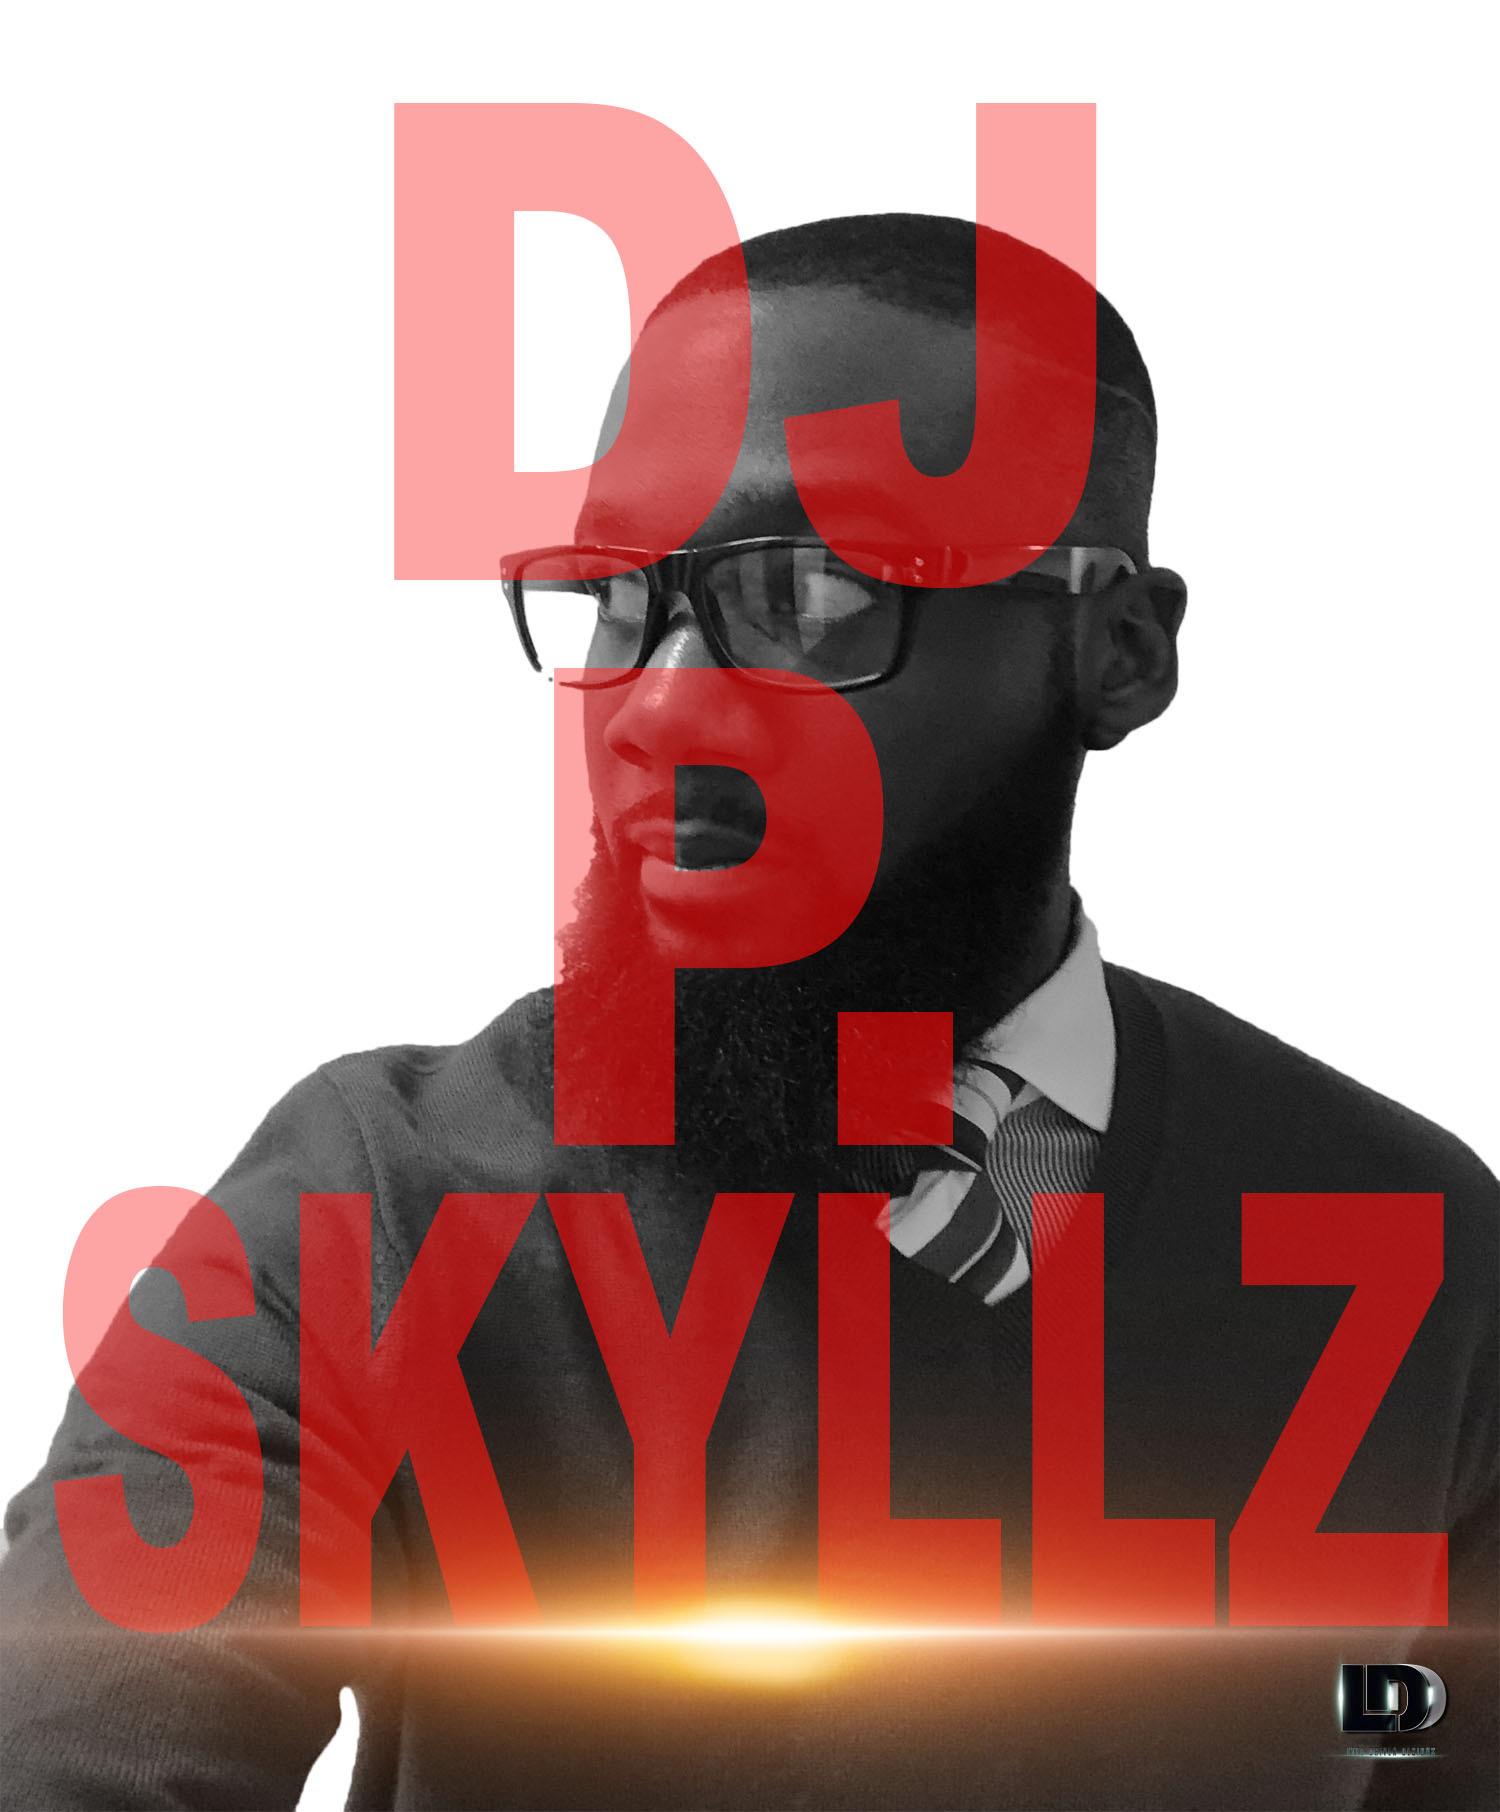 DJ P. Skyllz 101